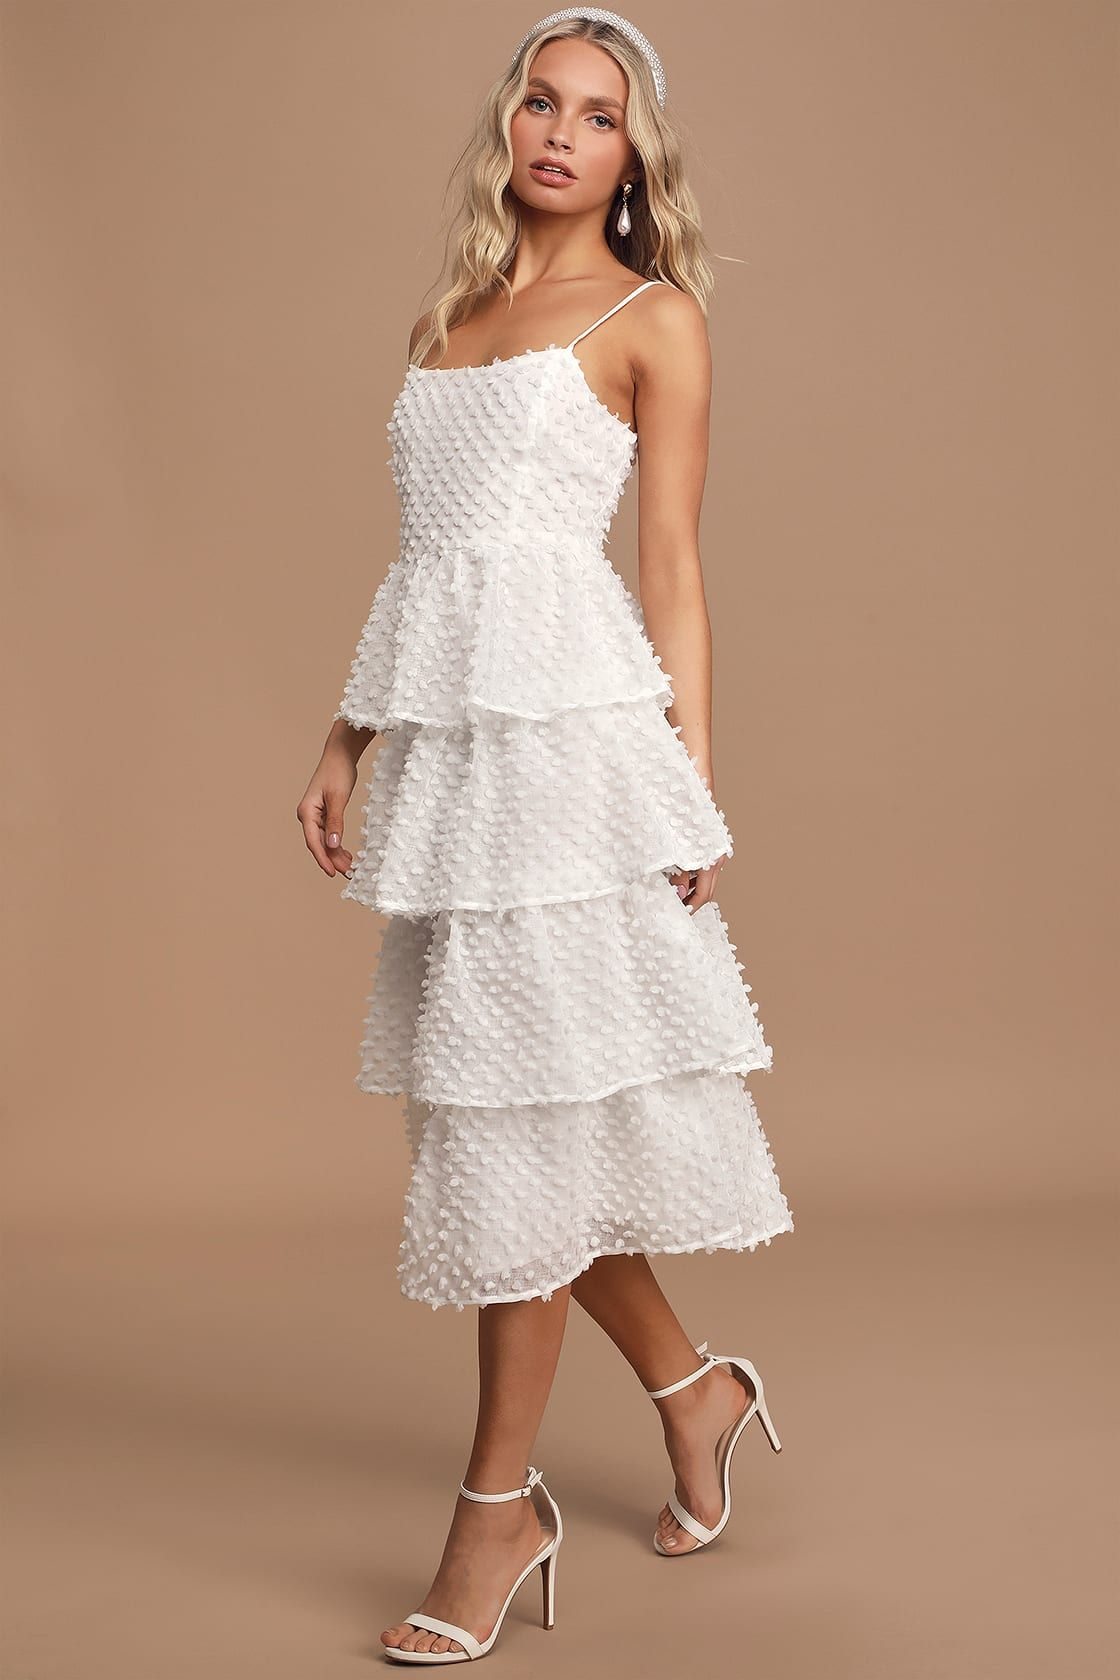 Flirting With You White Tiered Pom Pom Midi Dress In 2020 Midi Ruffle Dress White Tiered Dress Dresses [ 1680 x 1120 Pixel ]